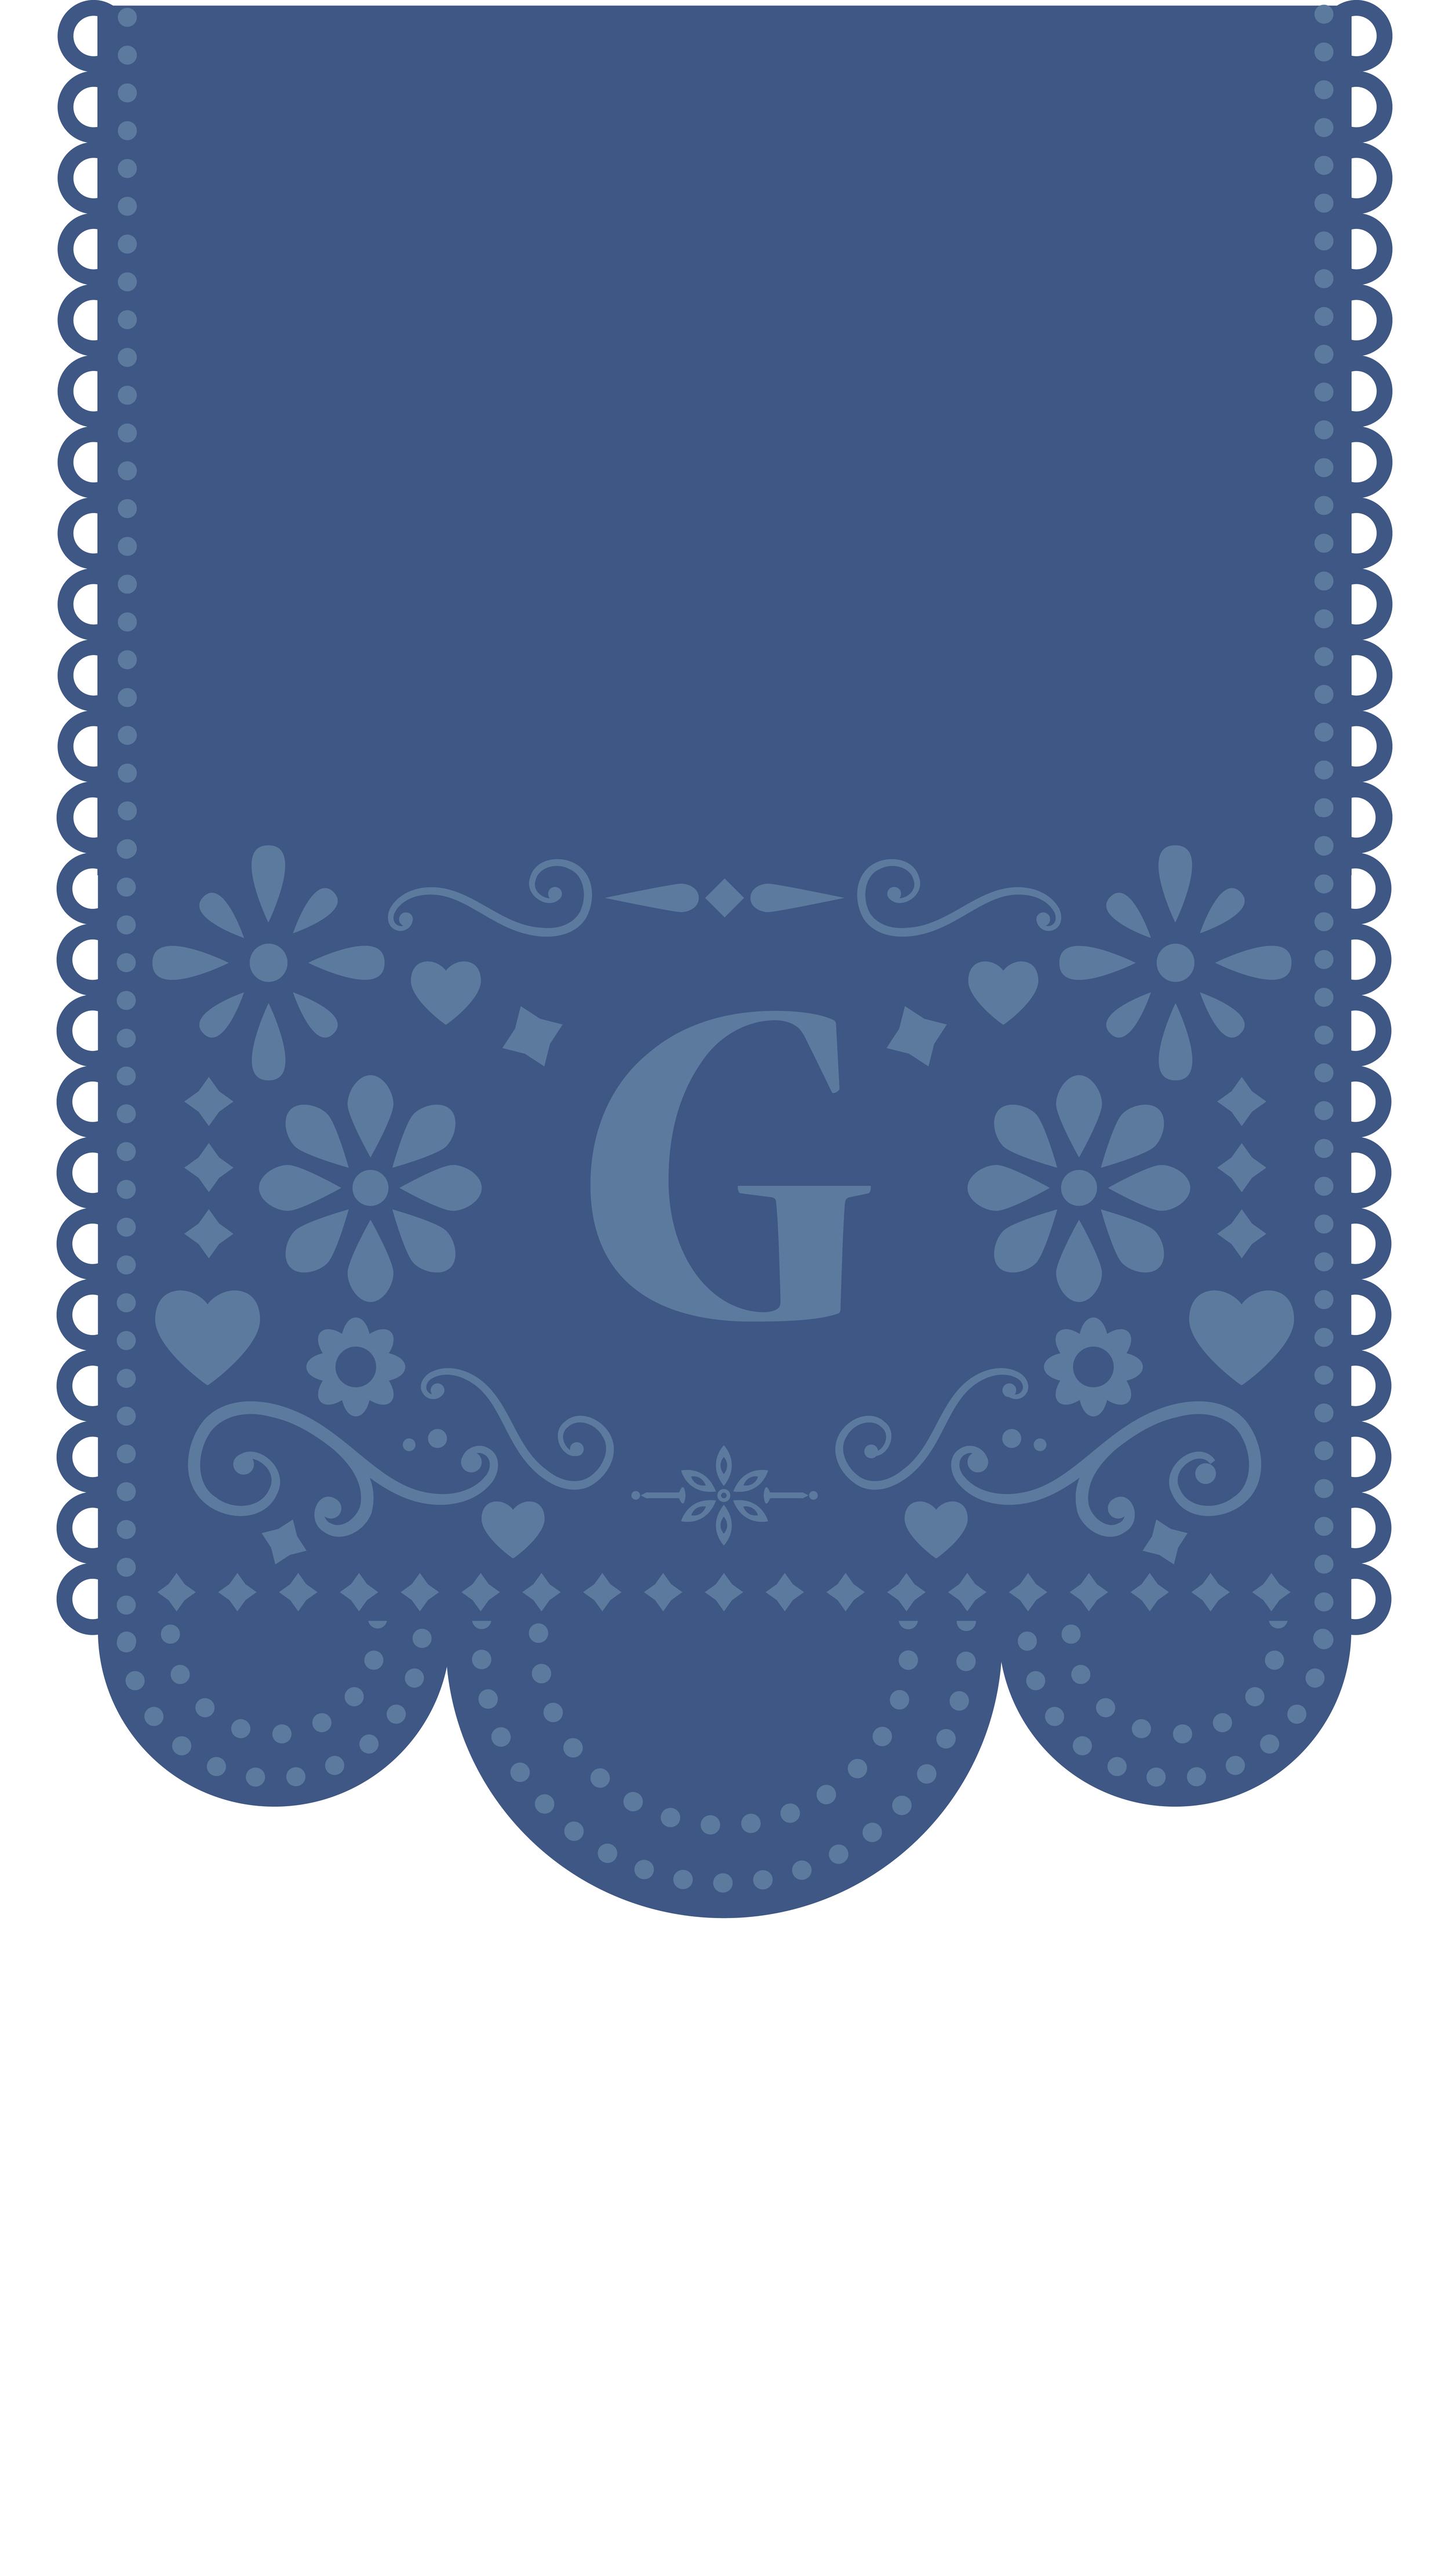 g-fiesta-banner.png